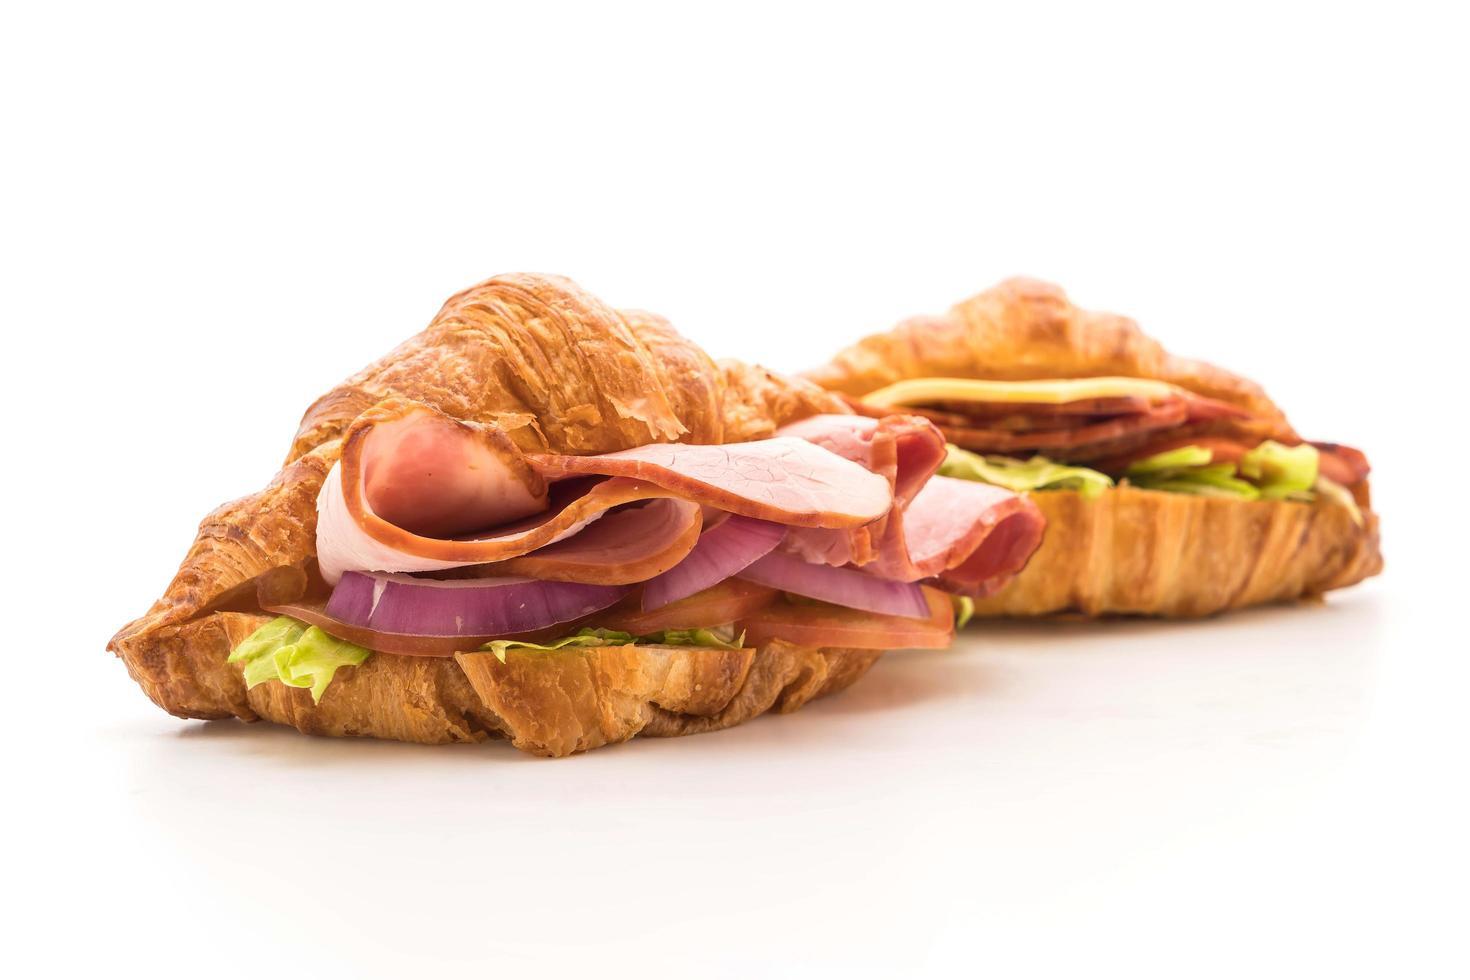 sandwiches au jambon croissant photo